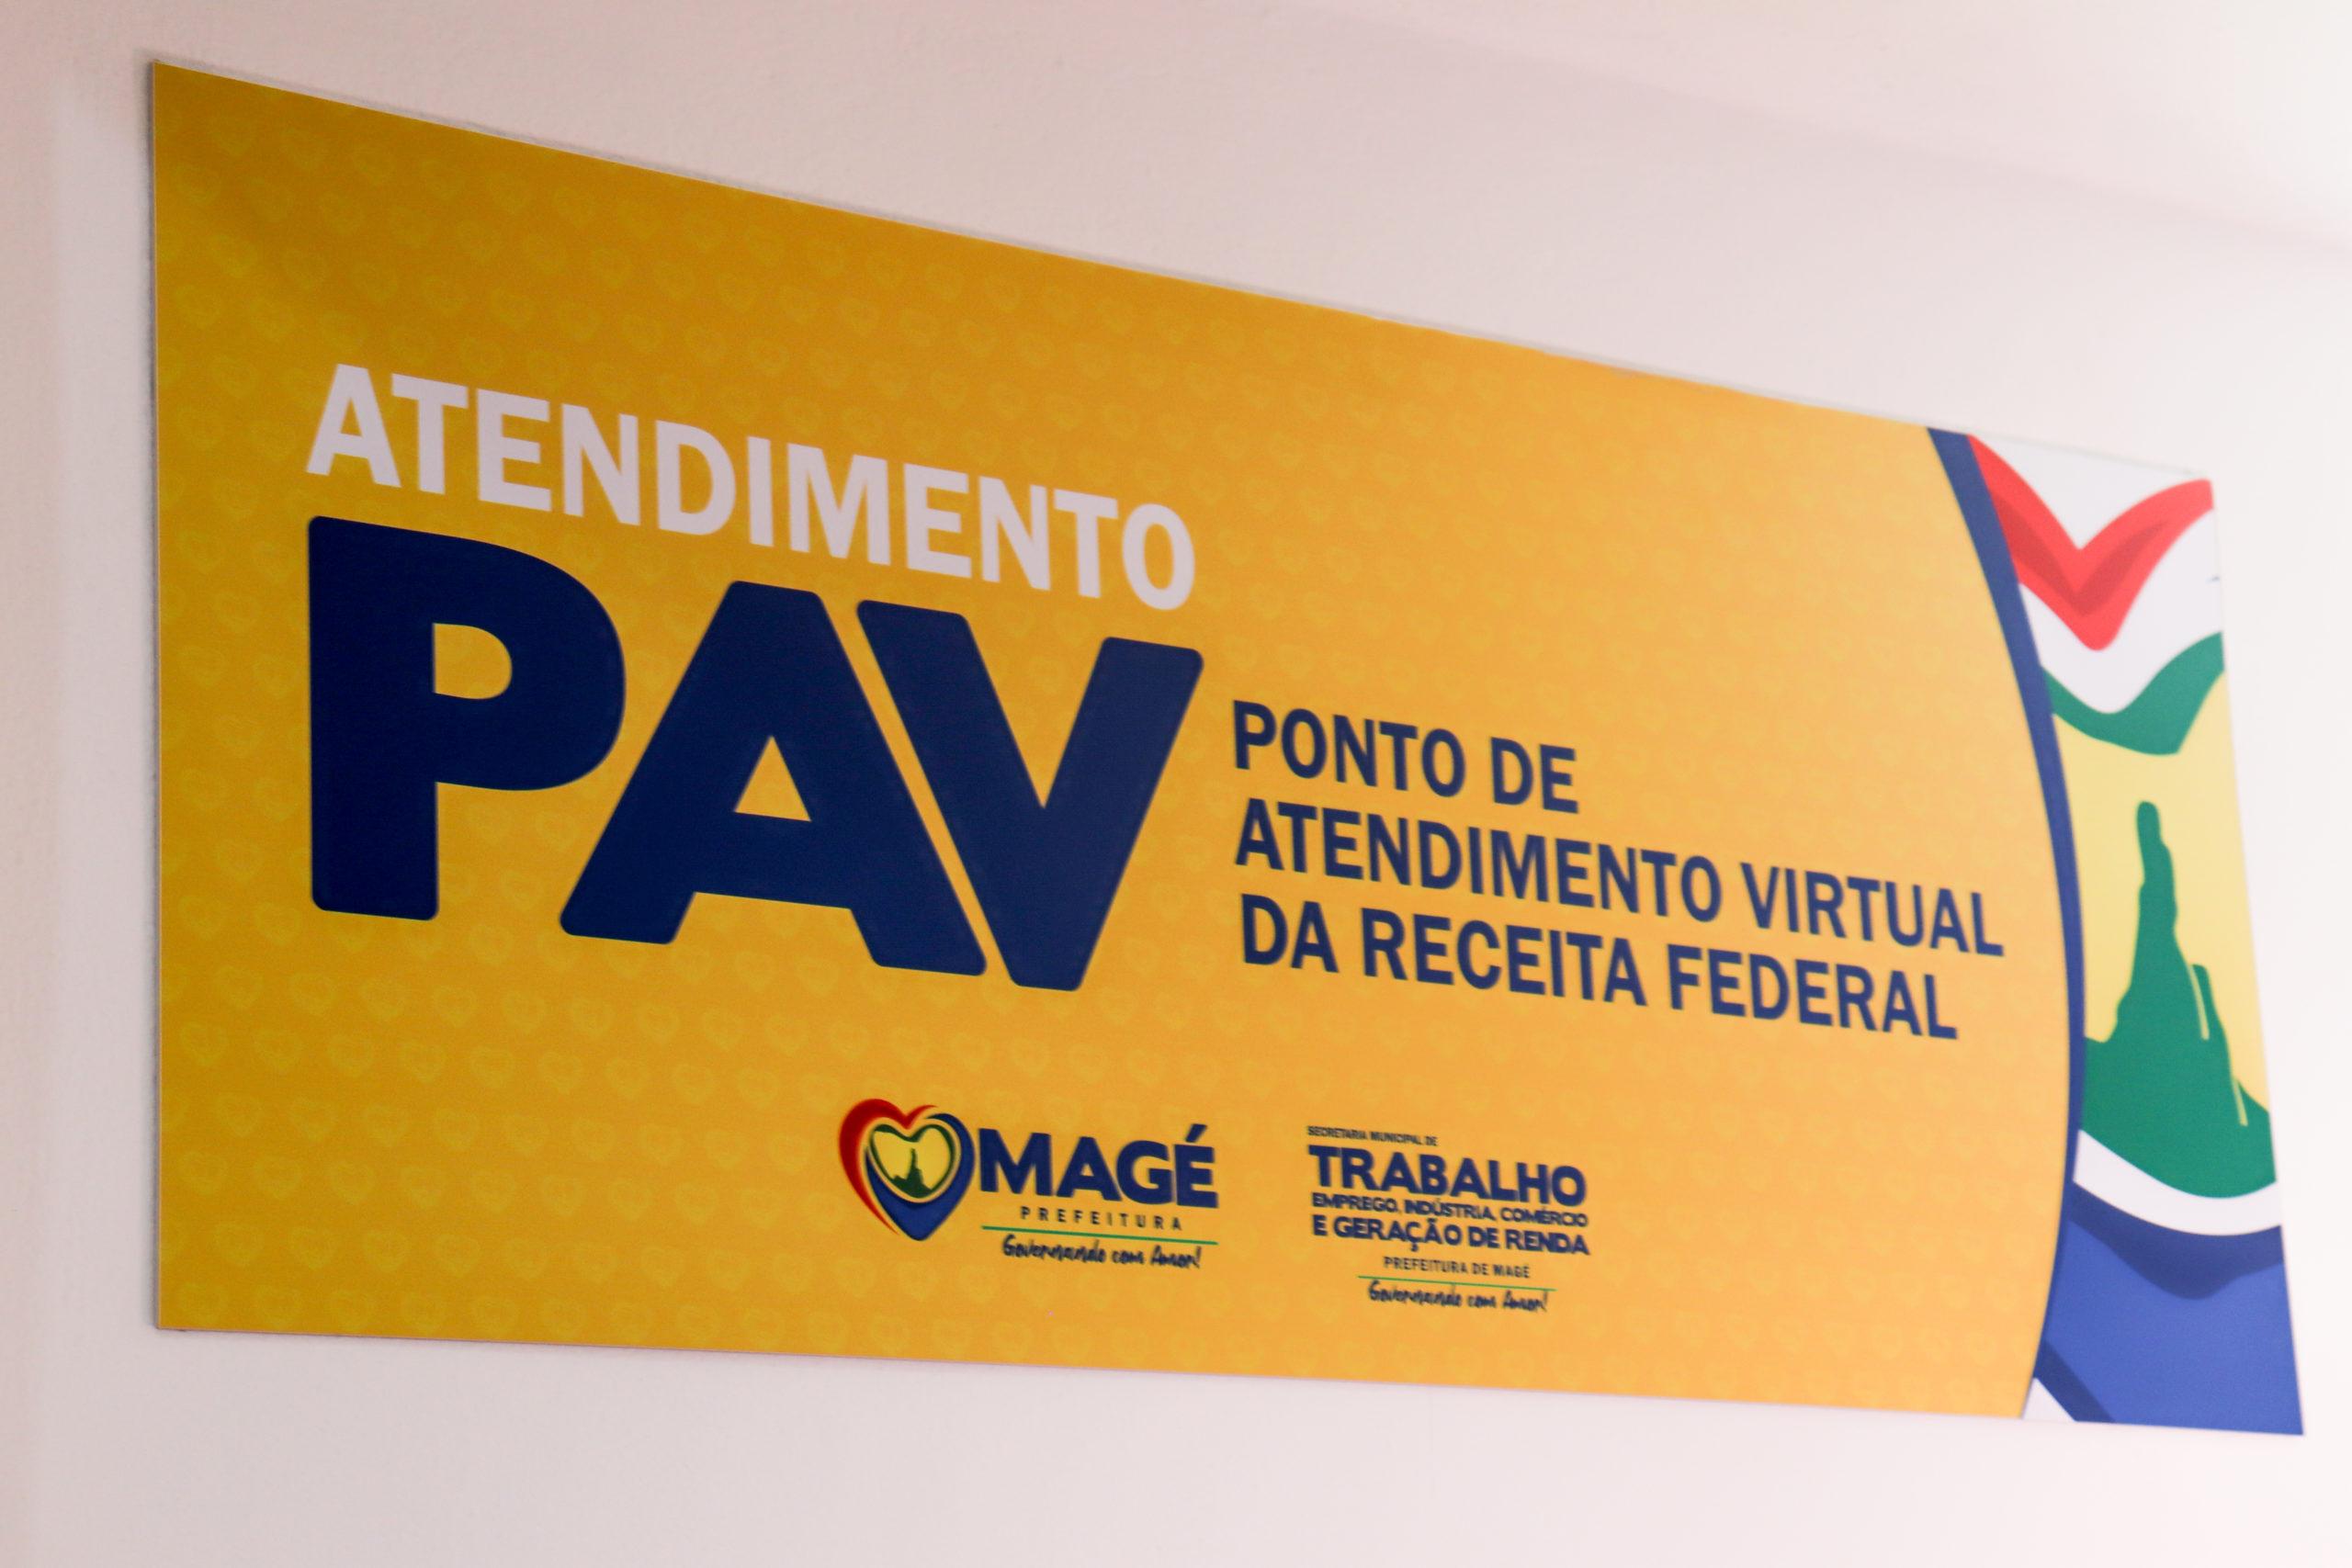 Imagem de um banner da Receita Federal